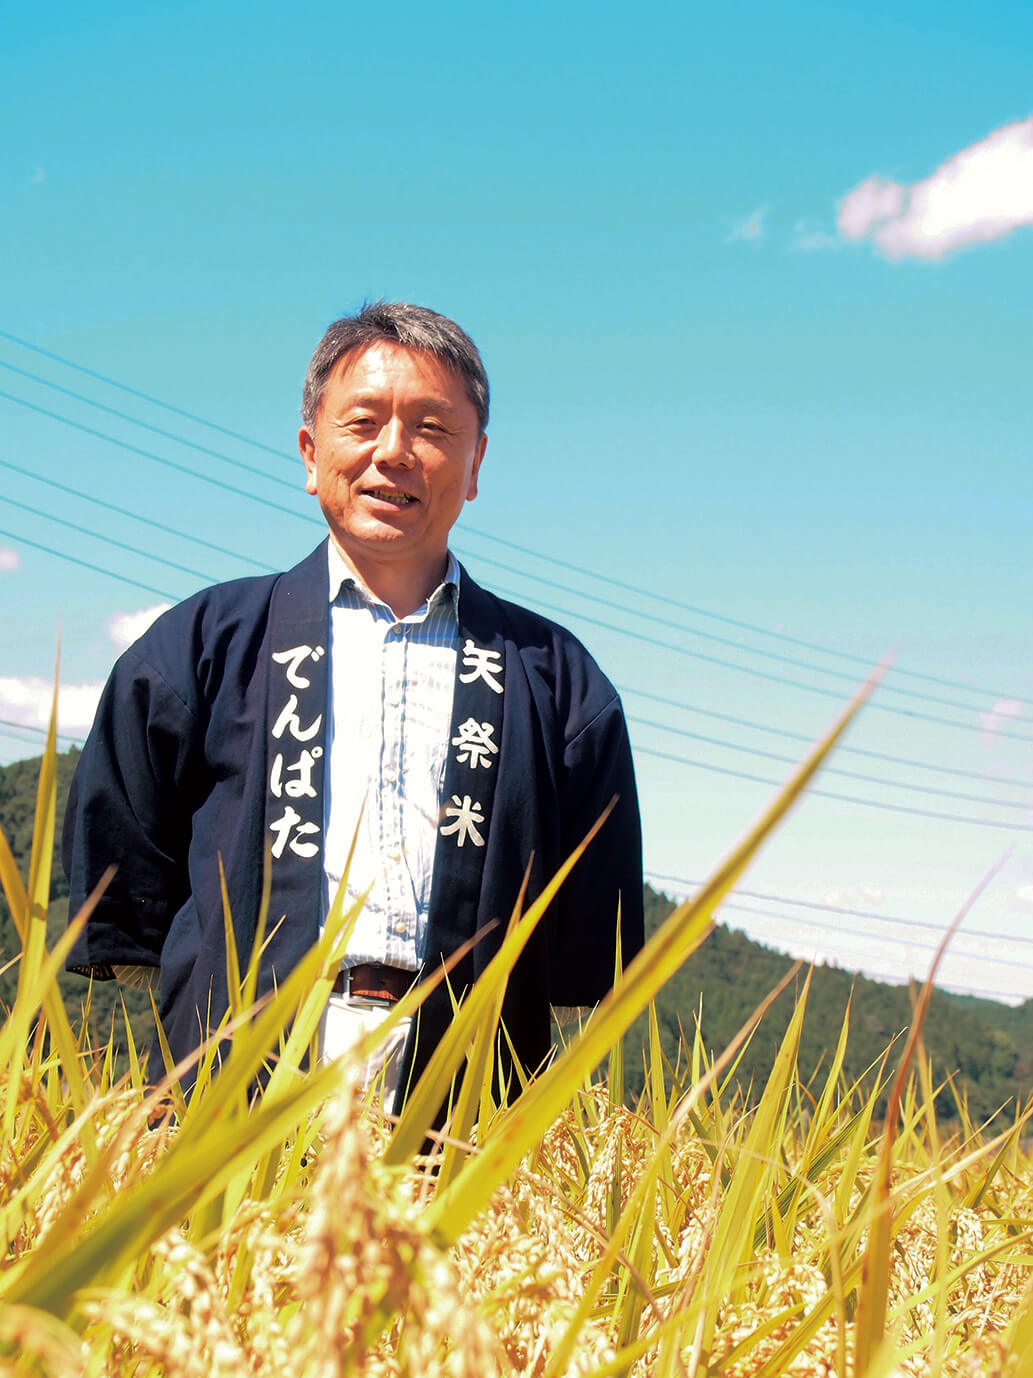 福島のいちばん南 矢祭で育てたコシヒカリ